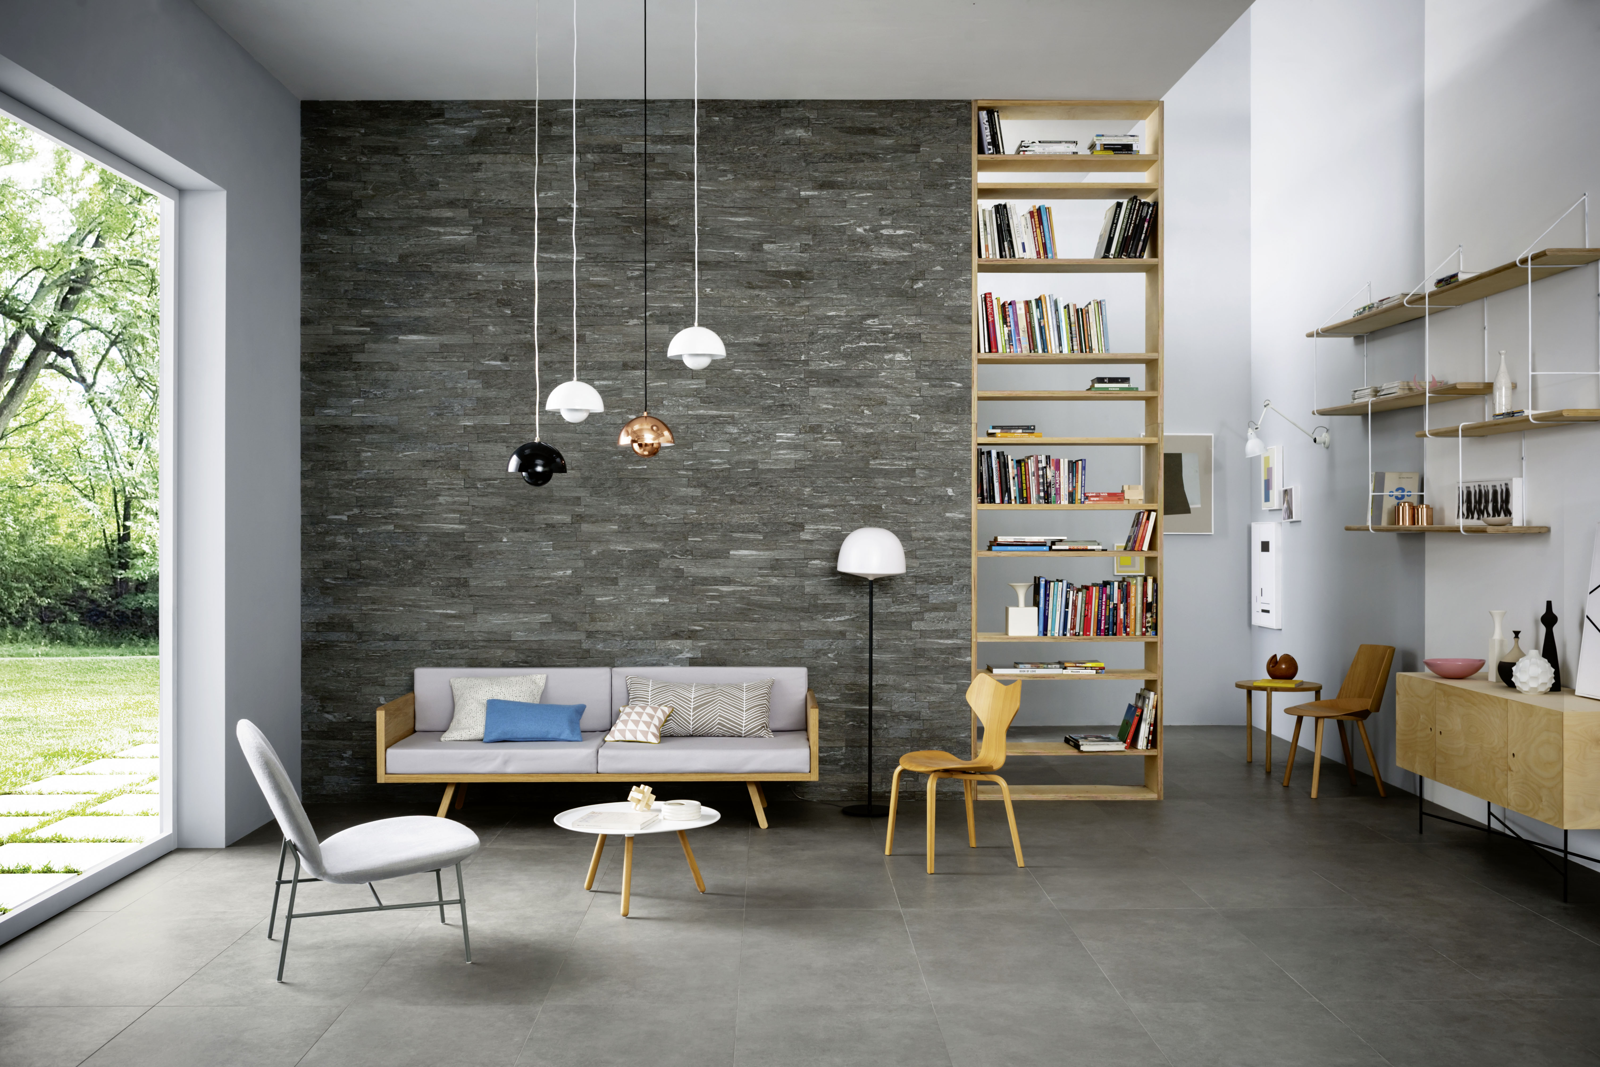 Paredes en piedras para interiores minimal marazzi - Paredes de piedra interiores ...